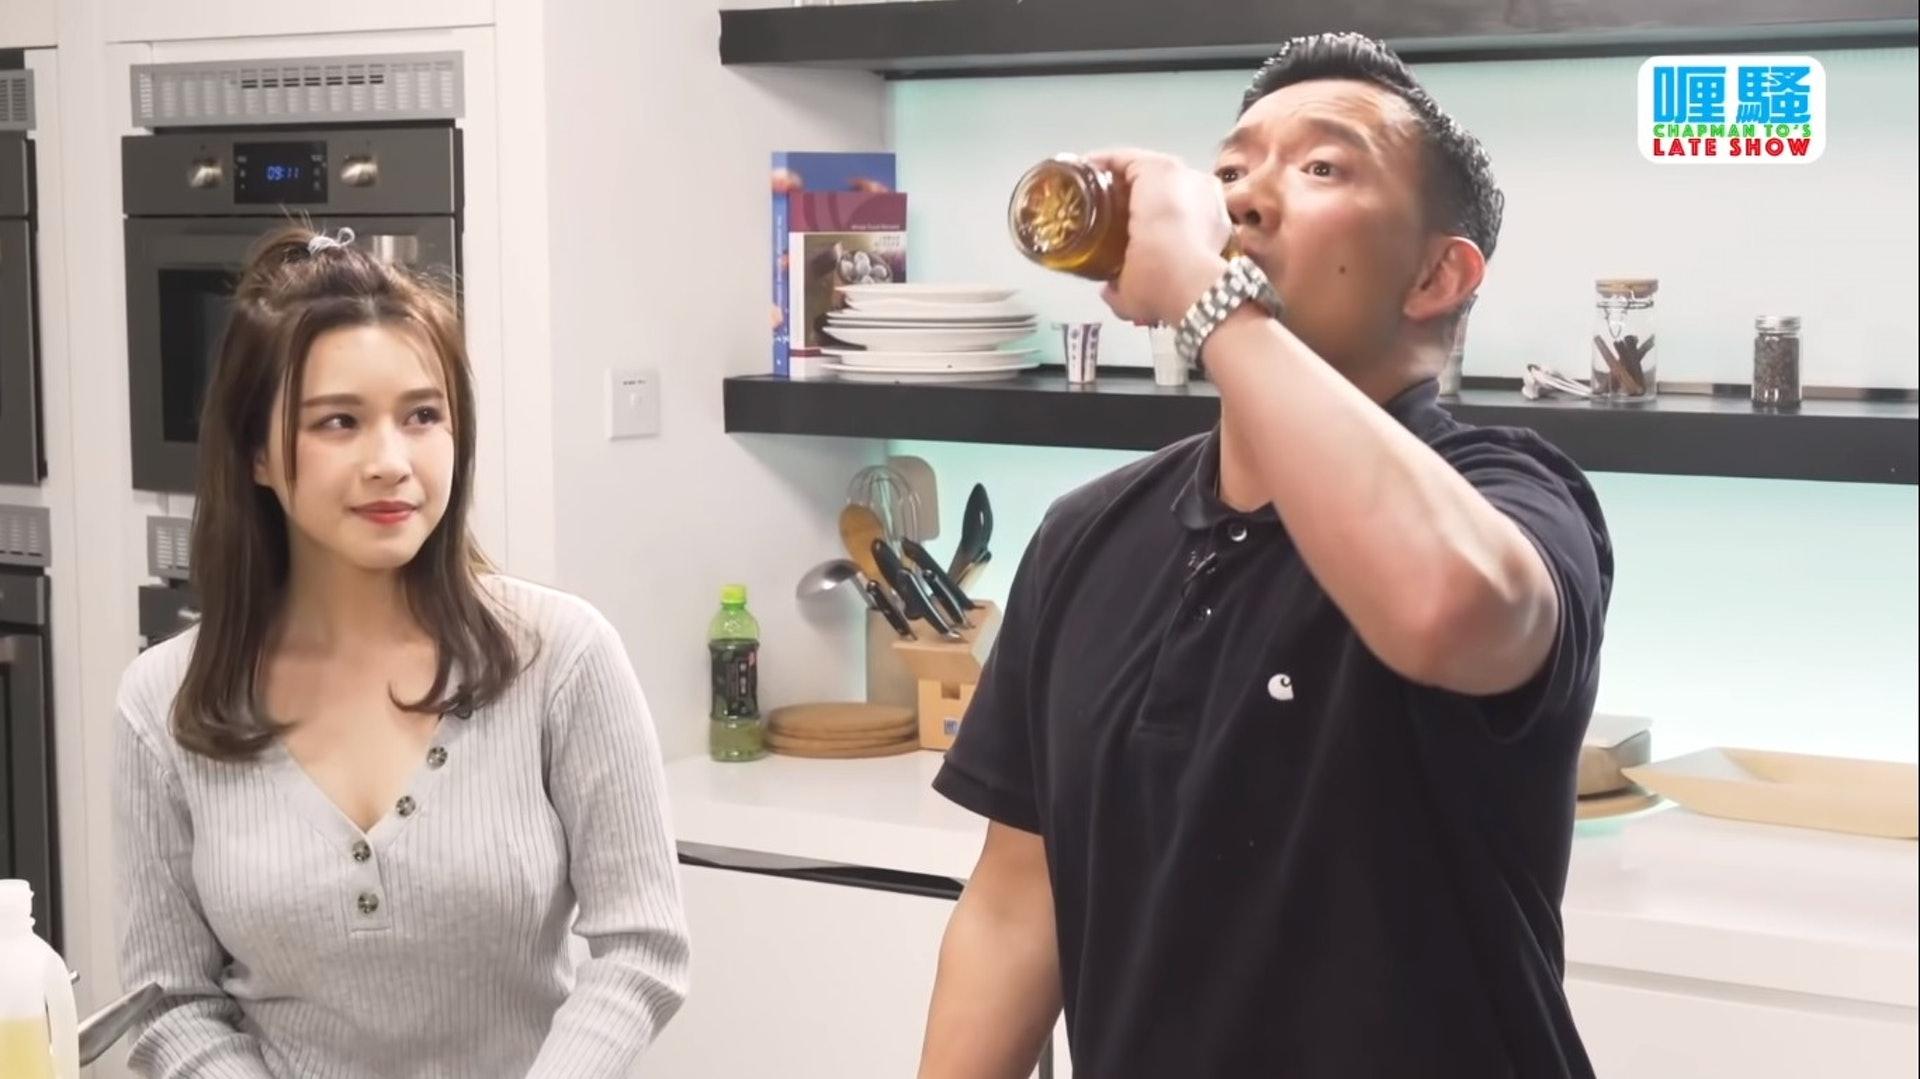 Renee提阿澤飲茶show 贊助的技巧很自然。(YouTube)